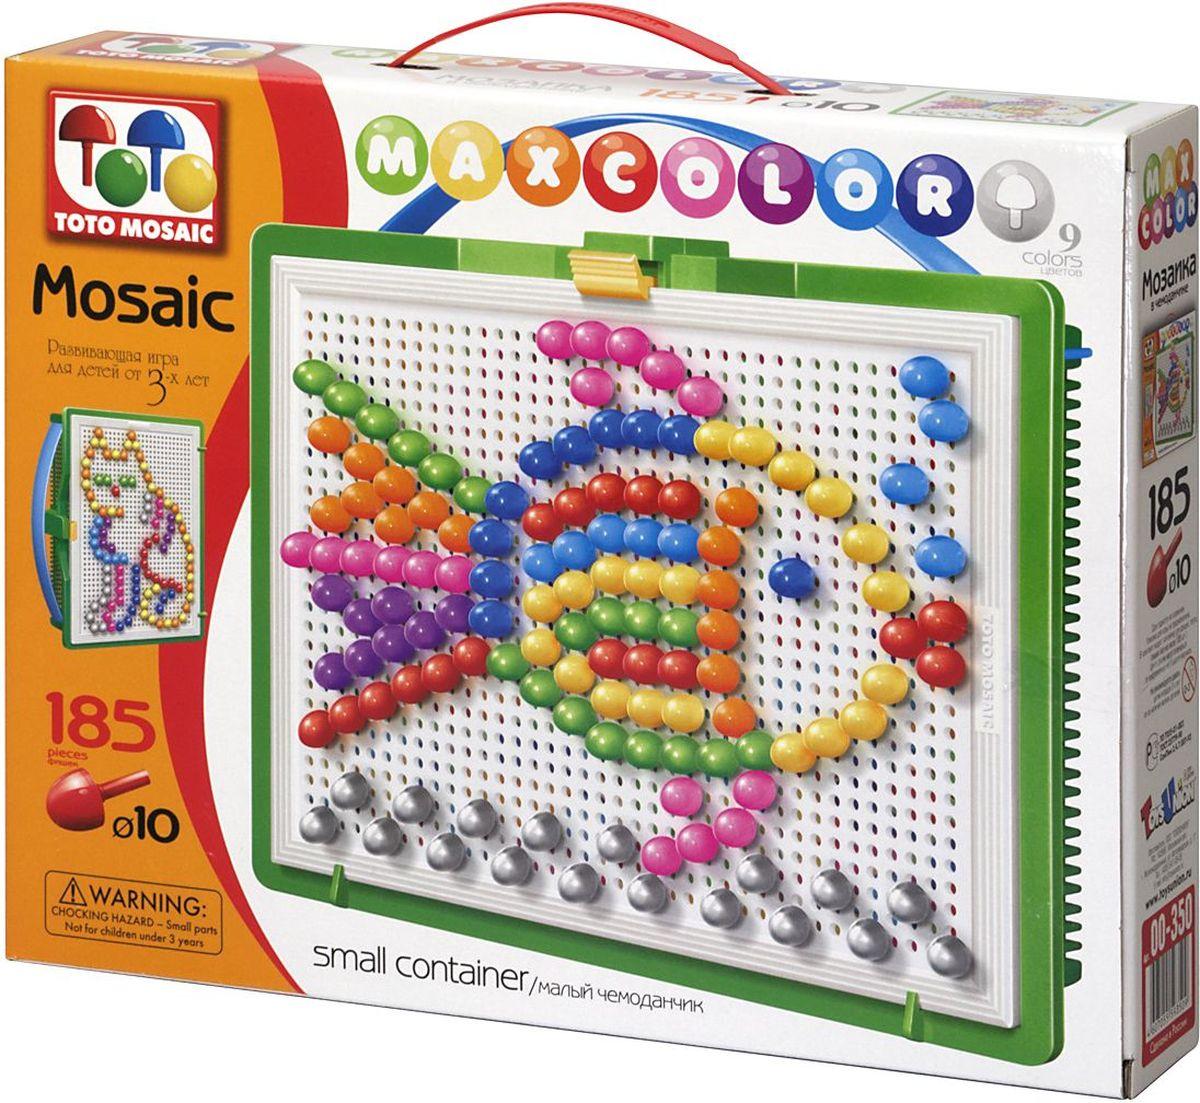 Toto Mosaic Мозаика Домашние любимцы00-350Мозаика «MAXCOLOR» Smal container – яркая, увлекательная, развивающая игра для детей от 3-х лет и старше. Она способствует развитию творческих способностей ребенка, его воображения, внимания, усидчивости, умению доводить начатое дело до конца, а так же координации и моторики движения рук. Все эти качества делают мозаику незаменимым пособием для успешной подготовки ребят 3-5 лет к началу обучения в школе. Комплектация «MAXCOLOR» ФИШКИ Игра комплектуется фишками различного размера (o 20, o 15, o 10, o 5) округлой формы, которые удобно и приятно держать в руках, поэтому с ними справится даже самый крохотный малыш. Фишки o 20 рассчитаны на самых маленьких игроков. Так же, в этой серии имеются наборы, комплектуемые треугольными и квадратными фишками. Они рассчитаны на детей постарше. ПЛАТА Все фишки легко крепятся и легко снимаются с игрового поля – платы, которая позволяет малышу не ограничивать свои движения при складывании мозаики. Её оригинальная конструкция...